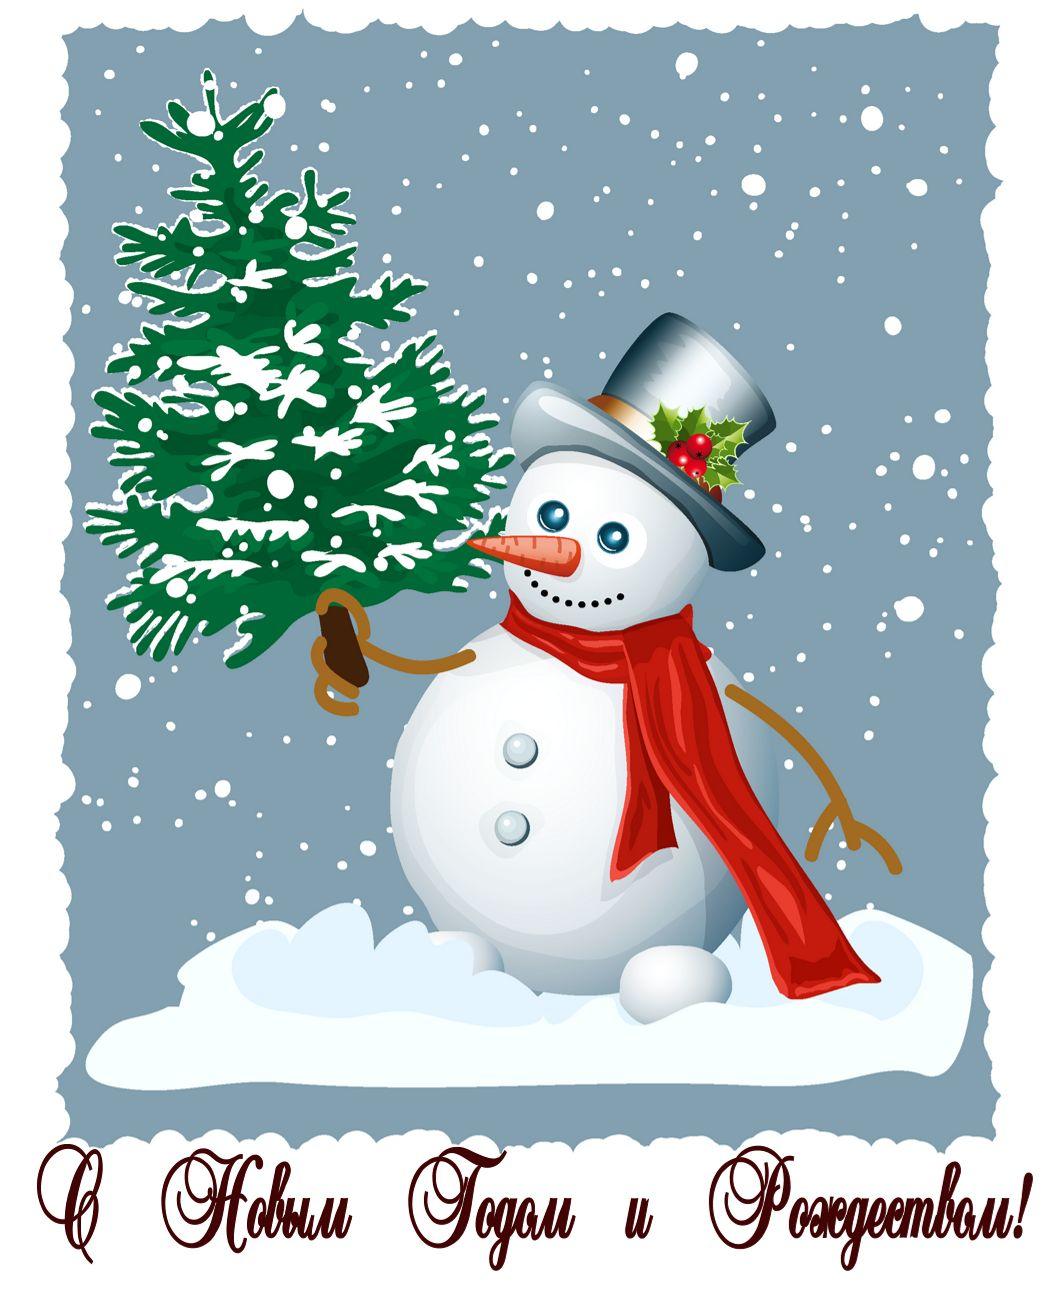 Новогодняя открытка - снеговик в цилиндре с елочкой